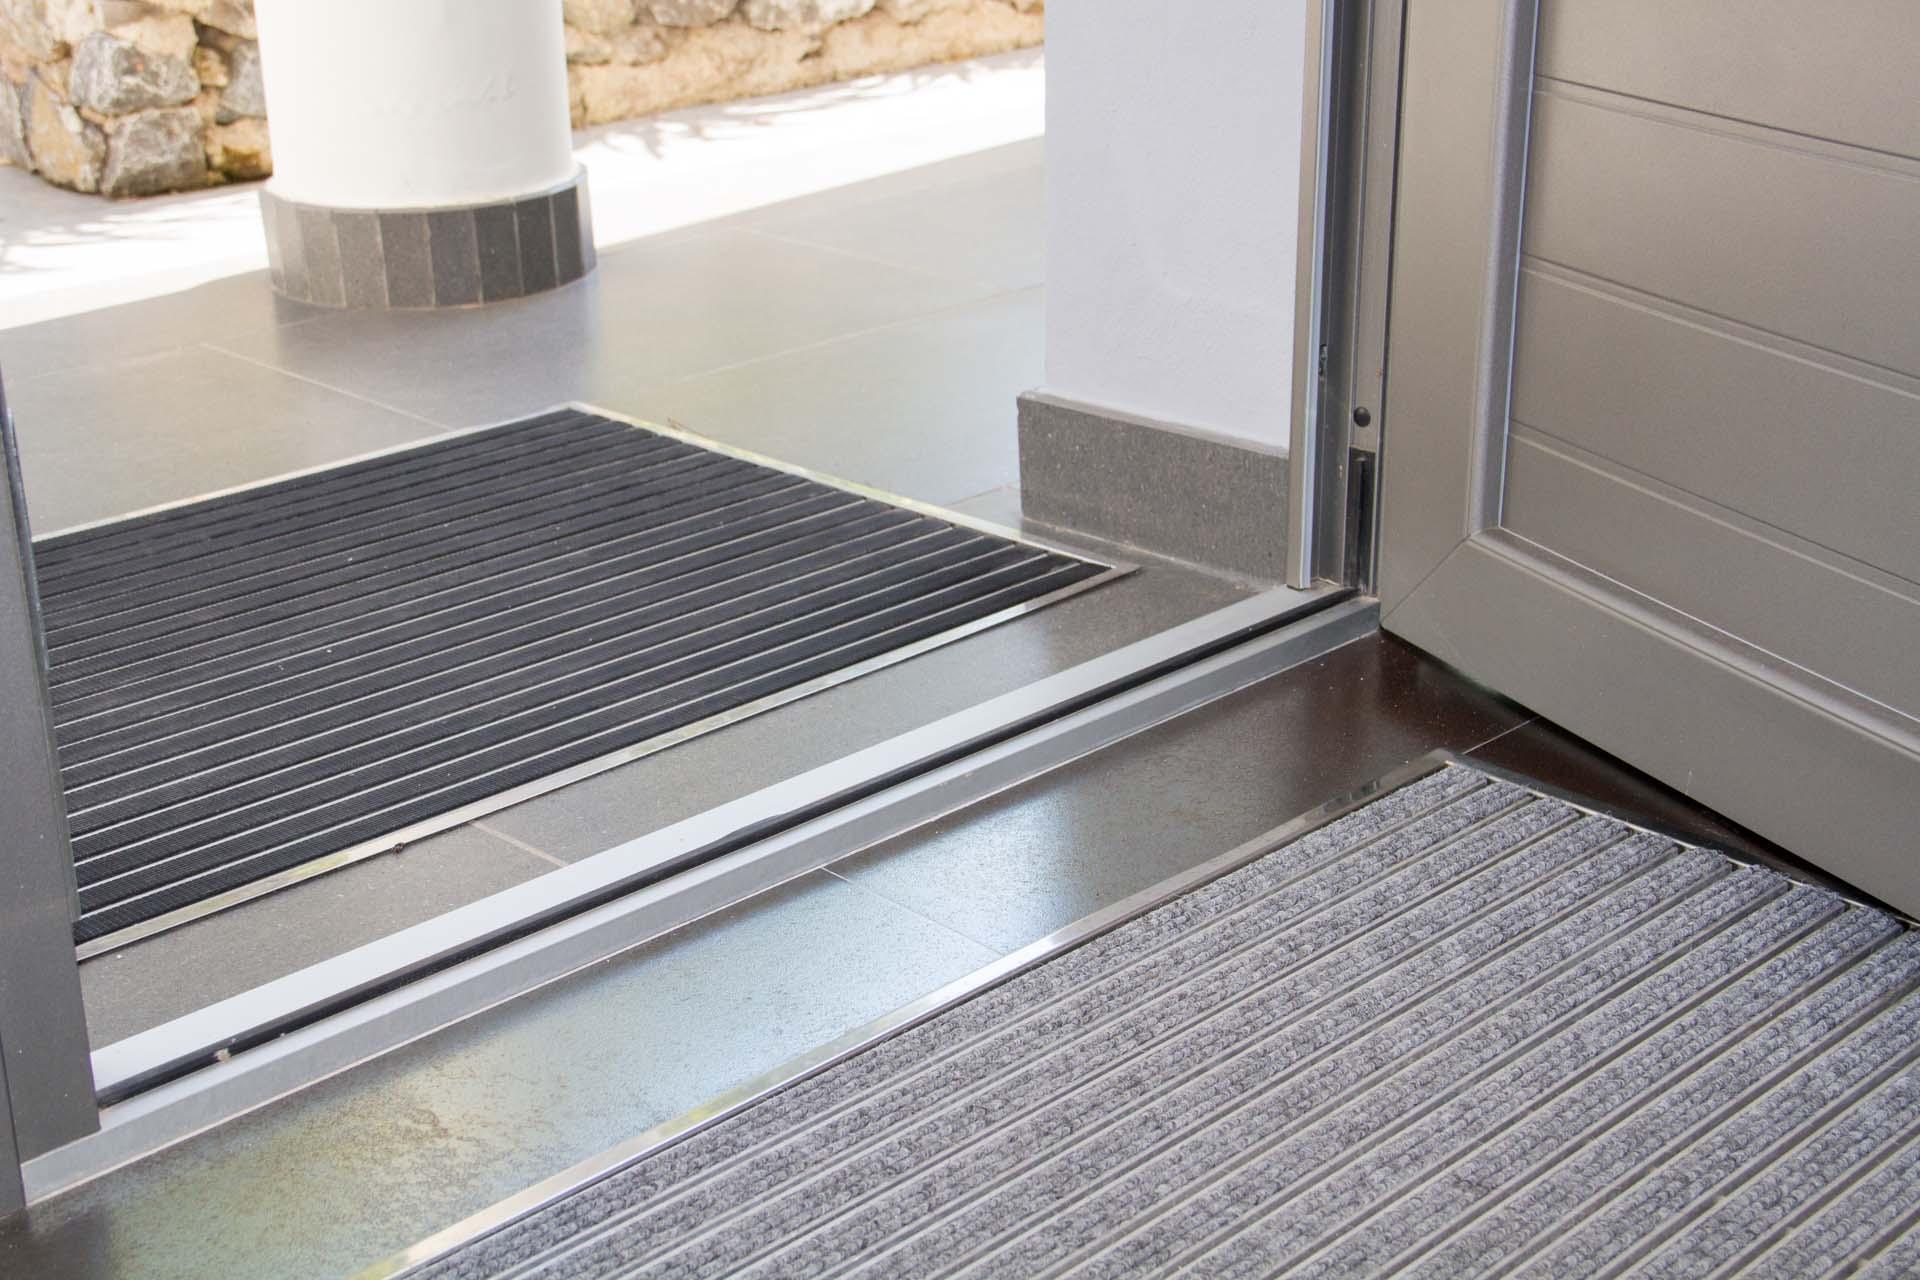 Aislamiento puertas entrada materiales de construcci n for Aislar puerta entrada